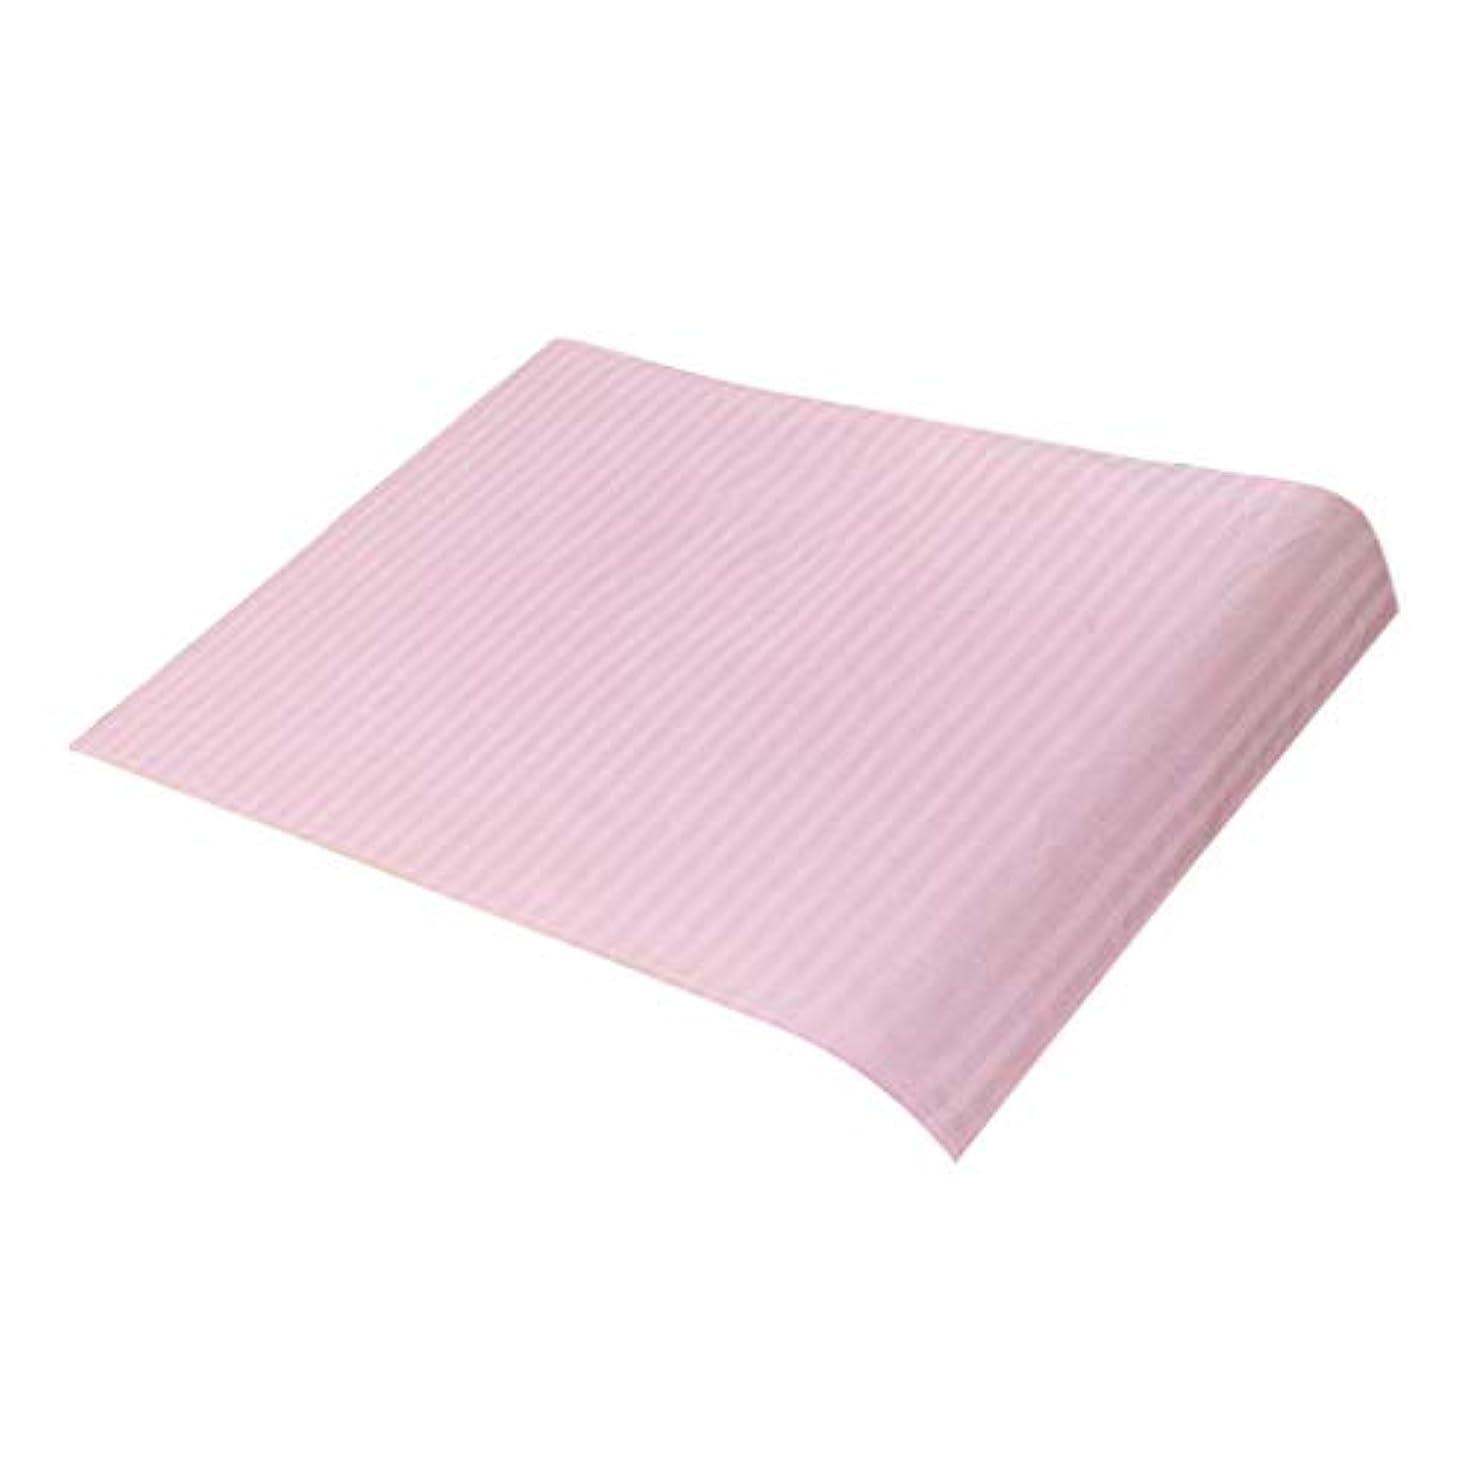 完璧な感嘆好みSM SunniMix マッサージベッドカバー 美容ベッドカバー スパ マッサージテーブルスカート 綿素材 断面デザイン - ピンク